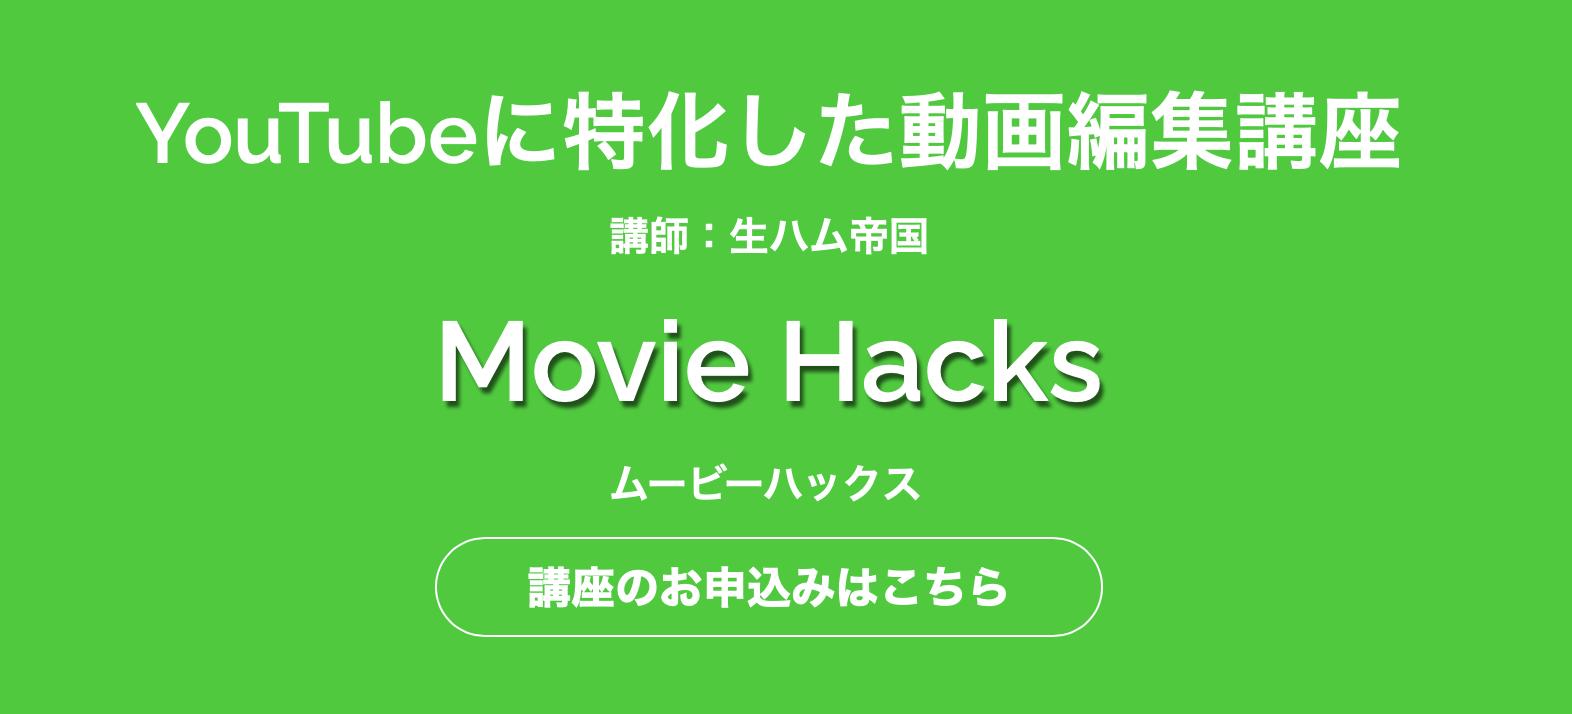 広島で本当に選ぶべき動画編集・映像制作スクール4選【厳選して紹介】